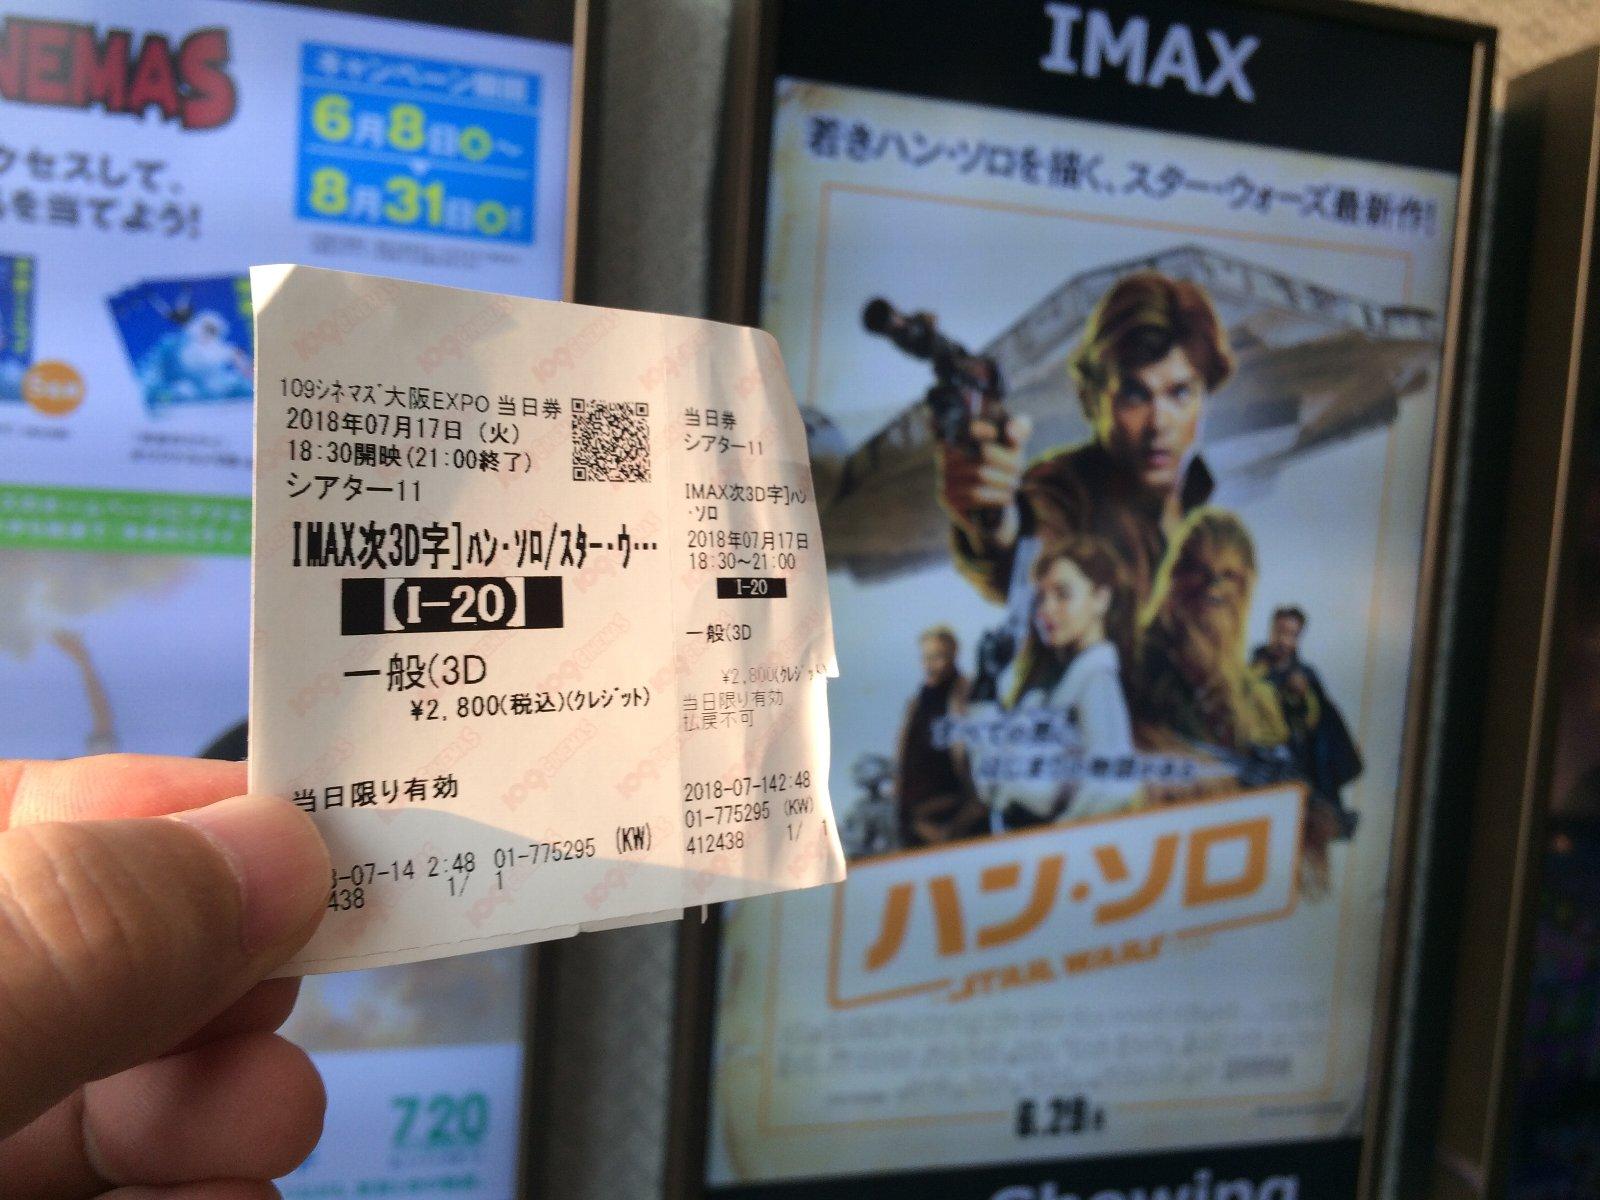 20180717 『ハン・ソロ』チケット